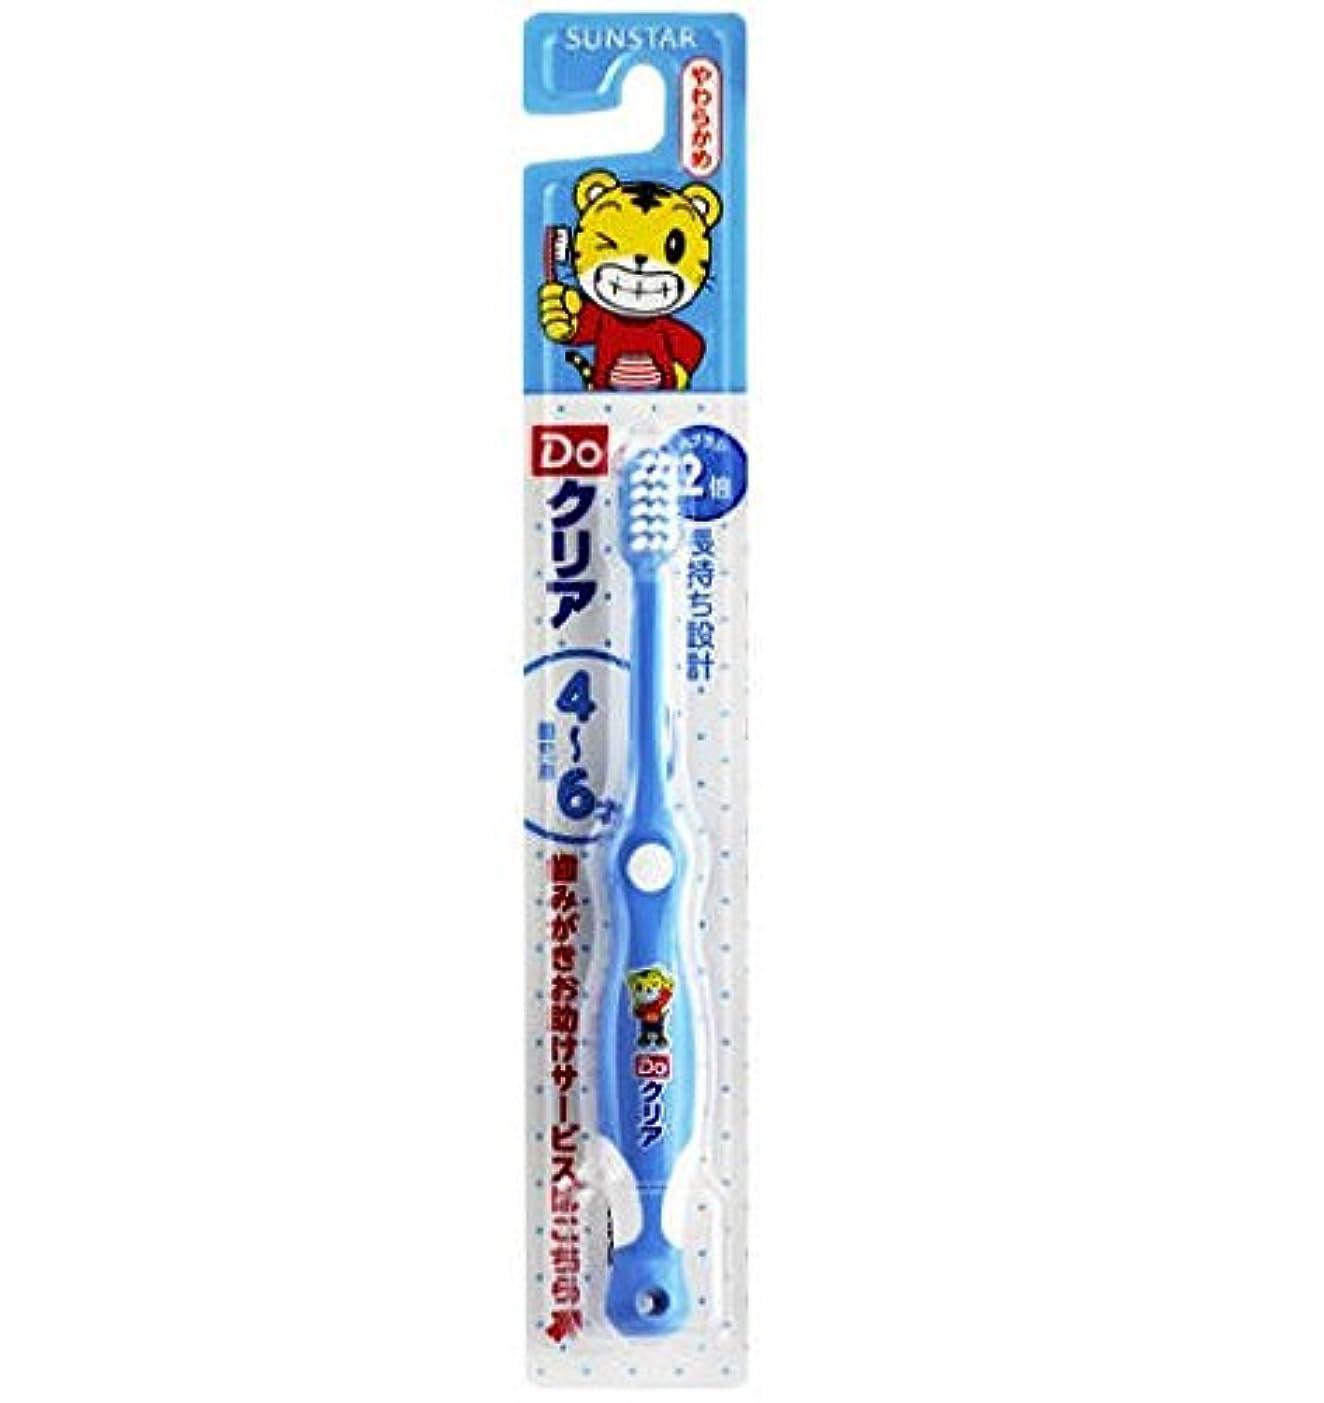 キルトスペード直接Doクリア こどもハブラシ 園児用 4-6才 やわらかめ:ブルー